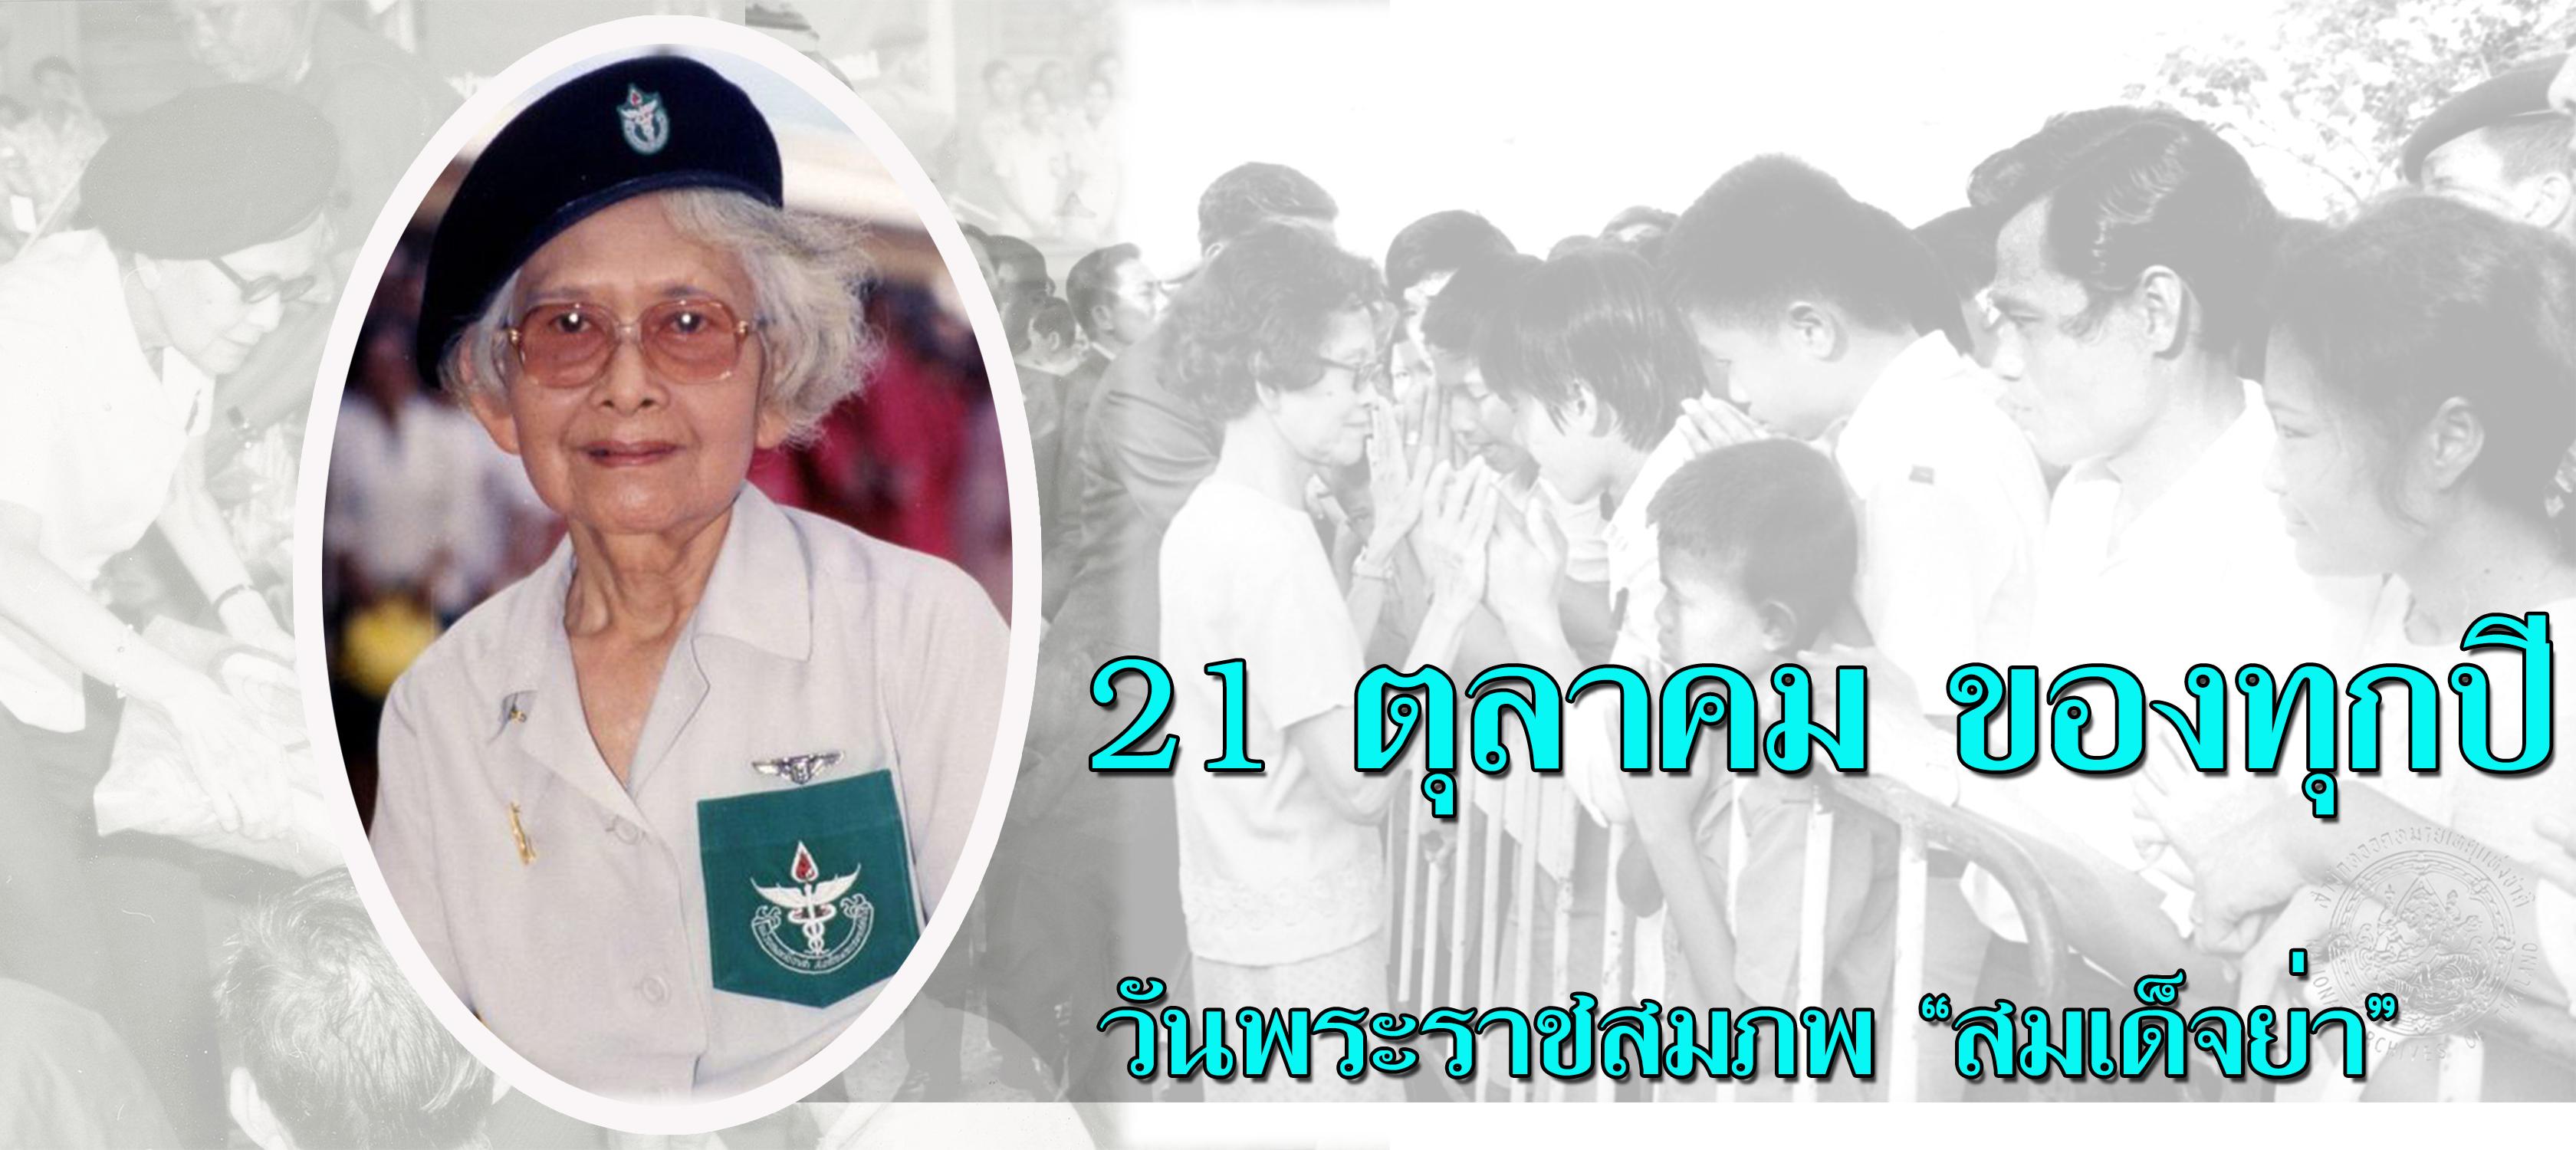 วันที่ 21 ตุลาคม 2563 วันคล้ายวันพระราชสมภพ สมเด็จพระศรีนครินทราบรมราชชนนี ปีที่ 120